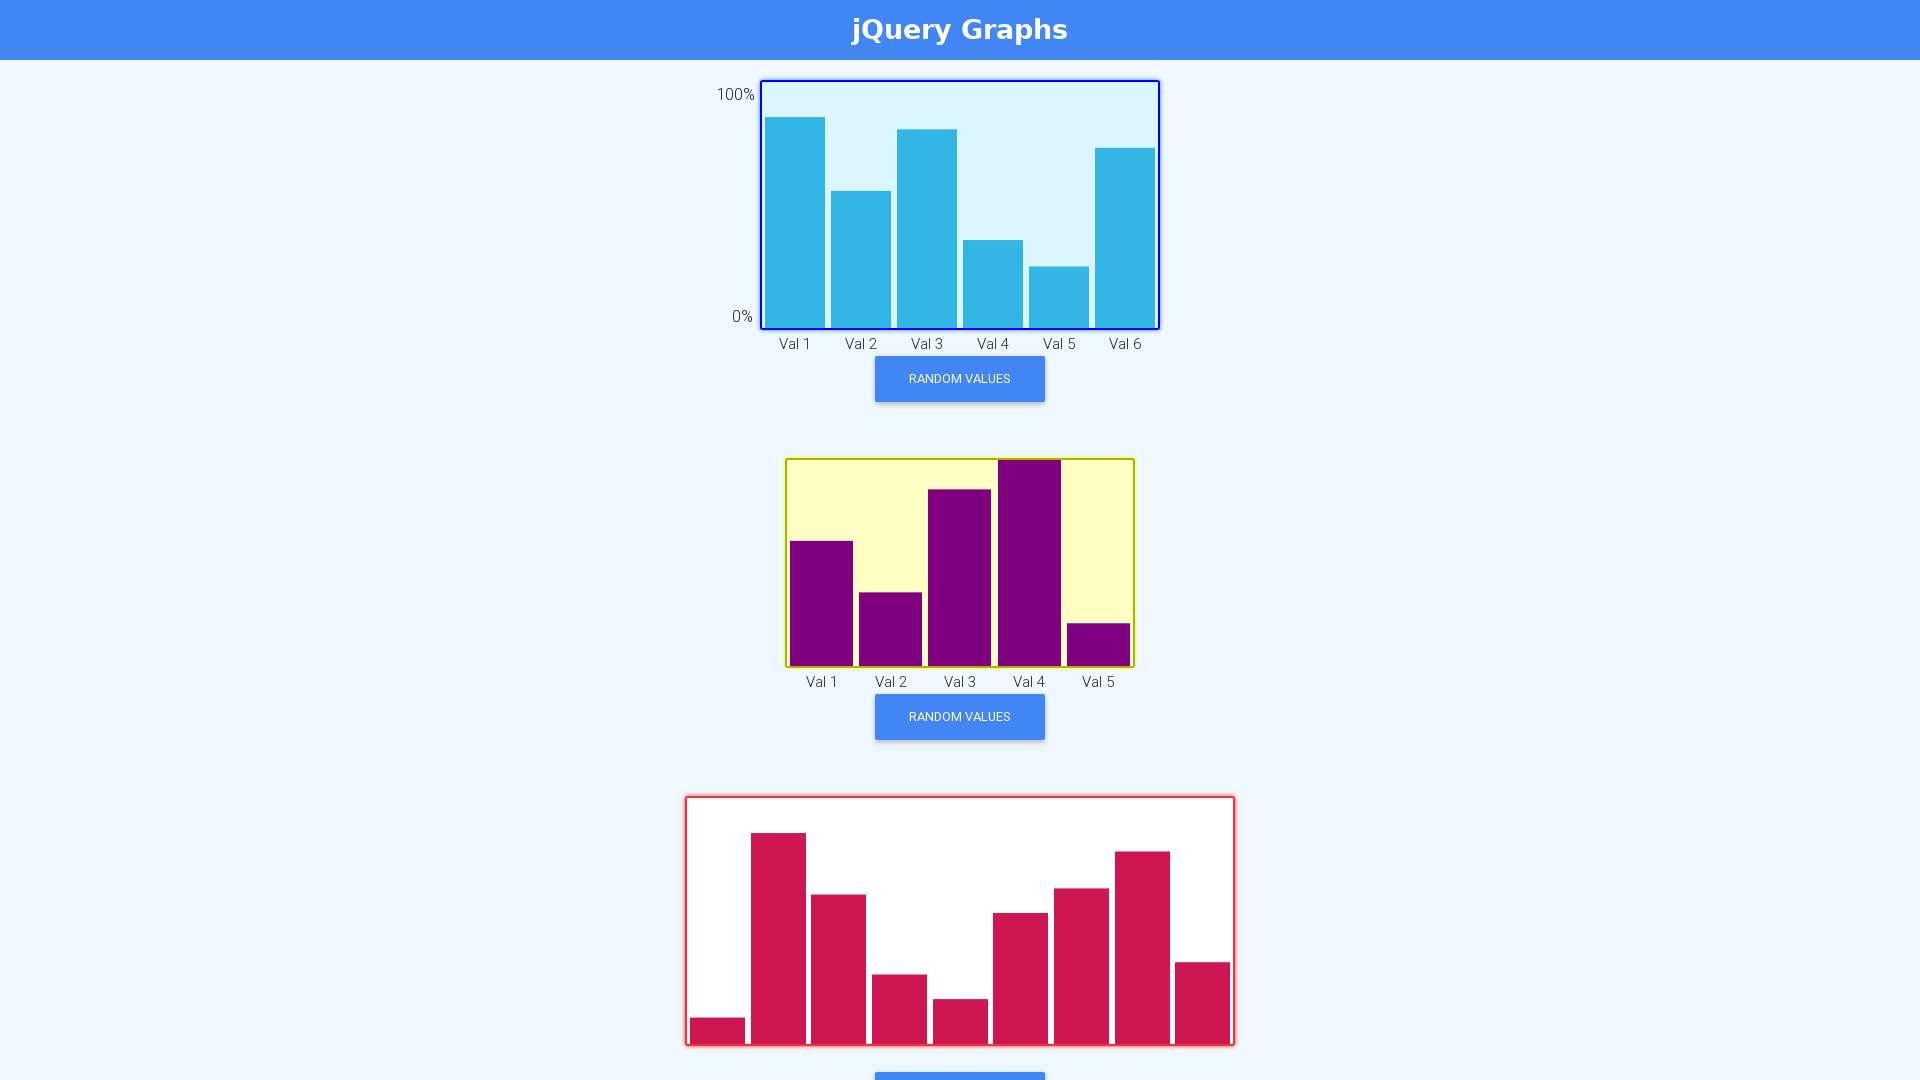 jQuery Graphs